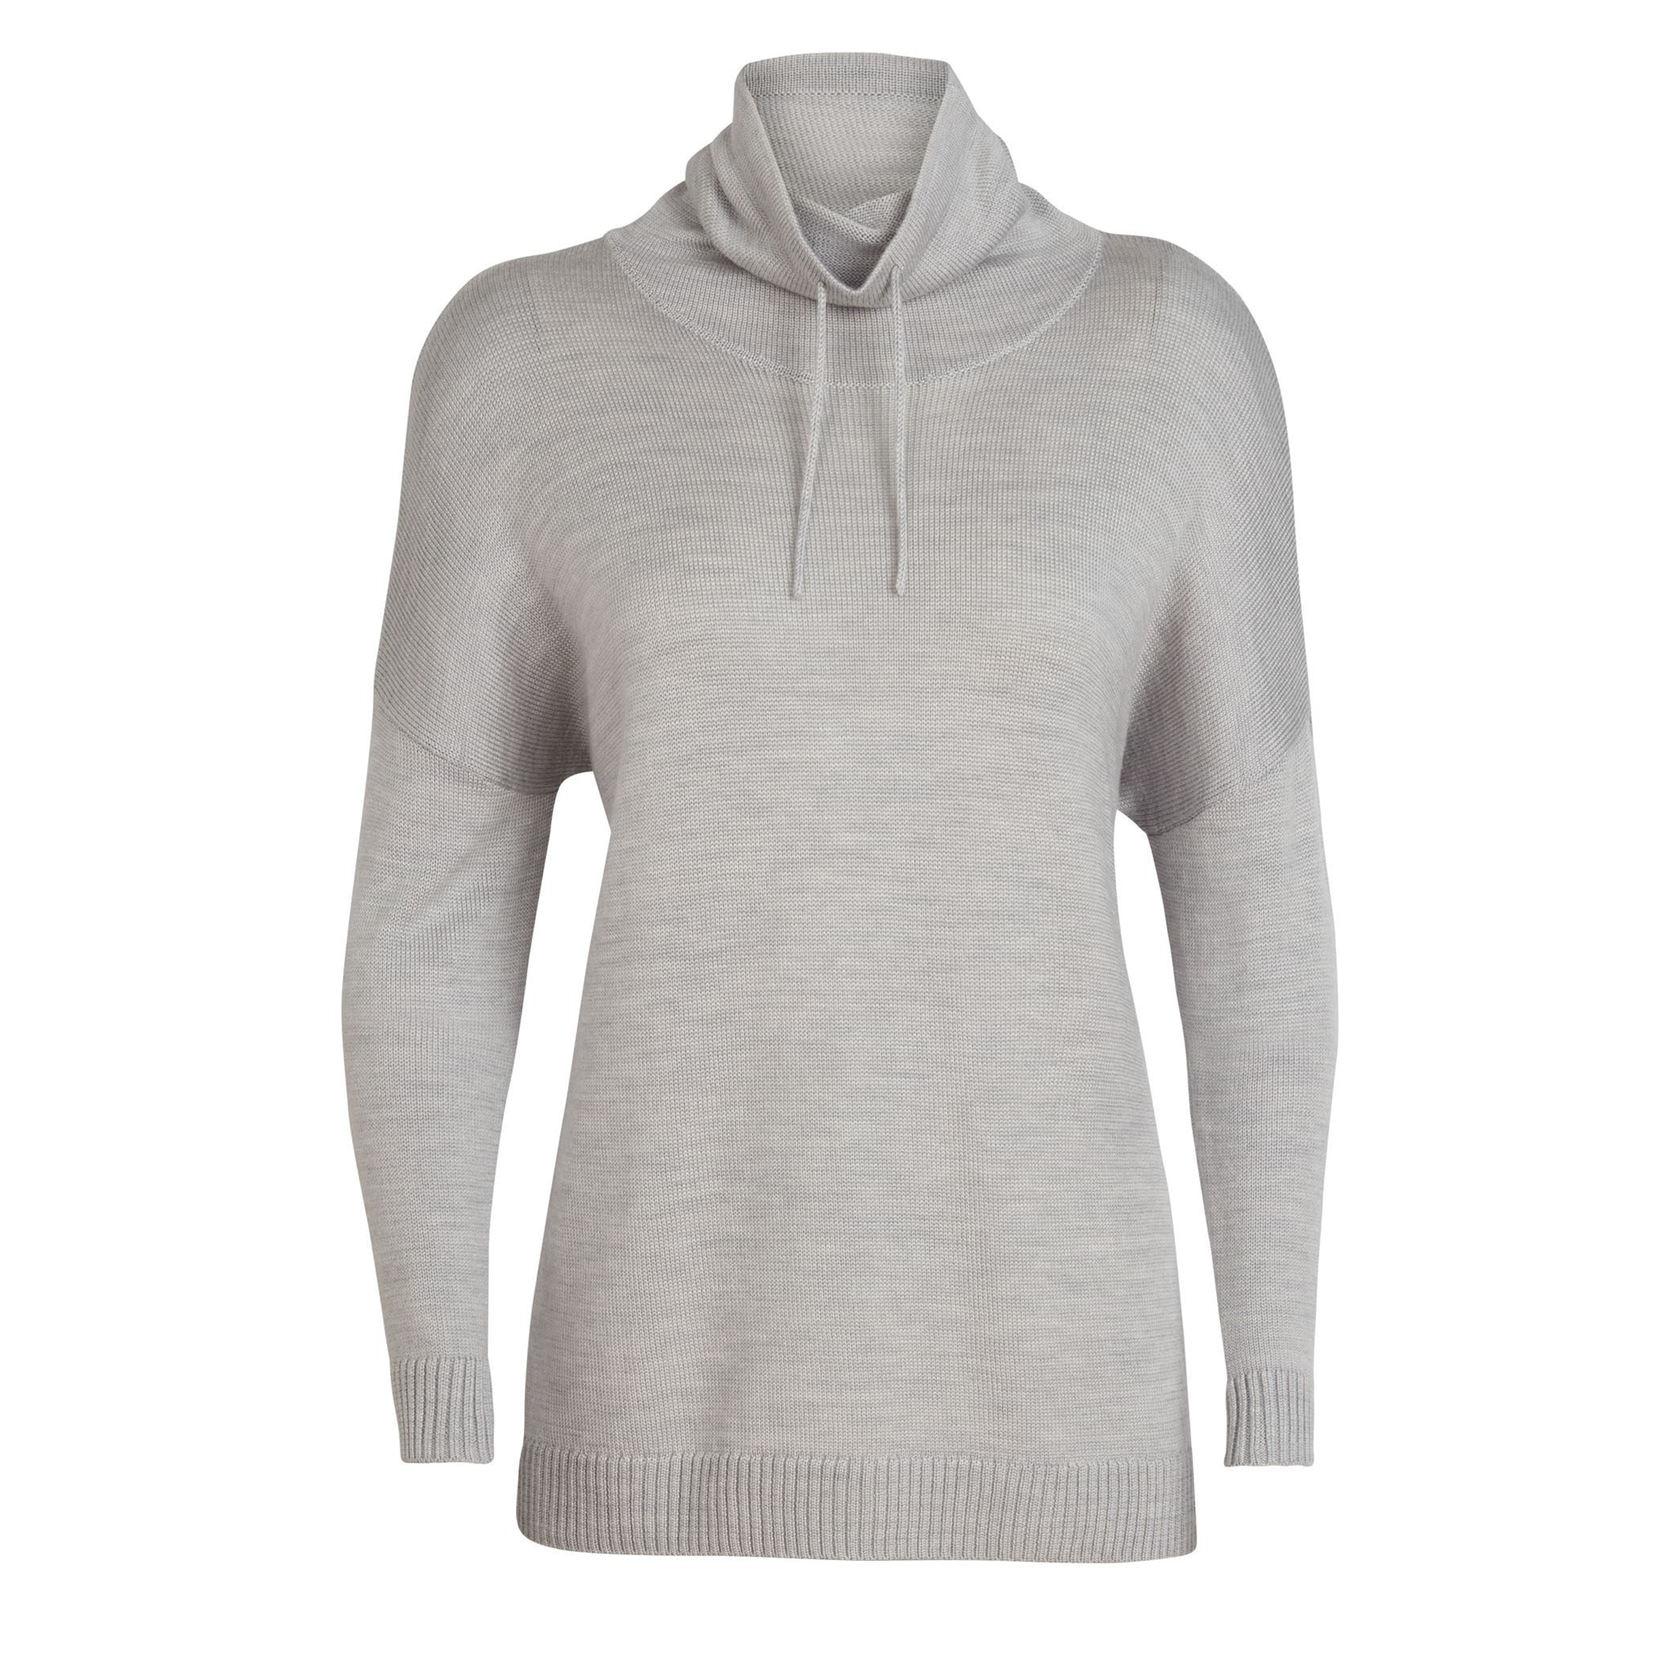 6d3d821e9daa02 Nova Pullover Sweater - Women's ...